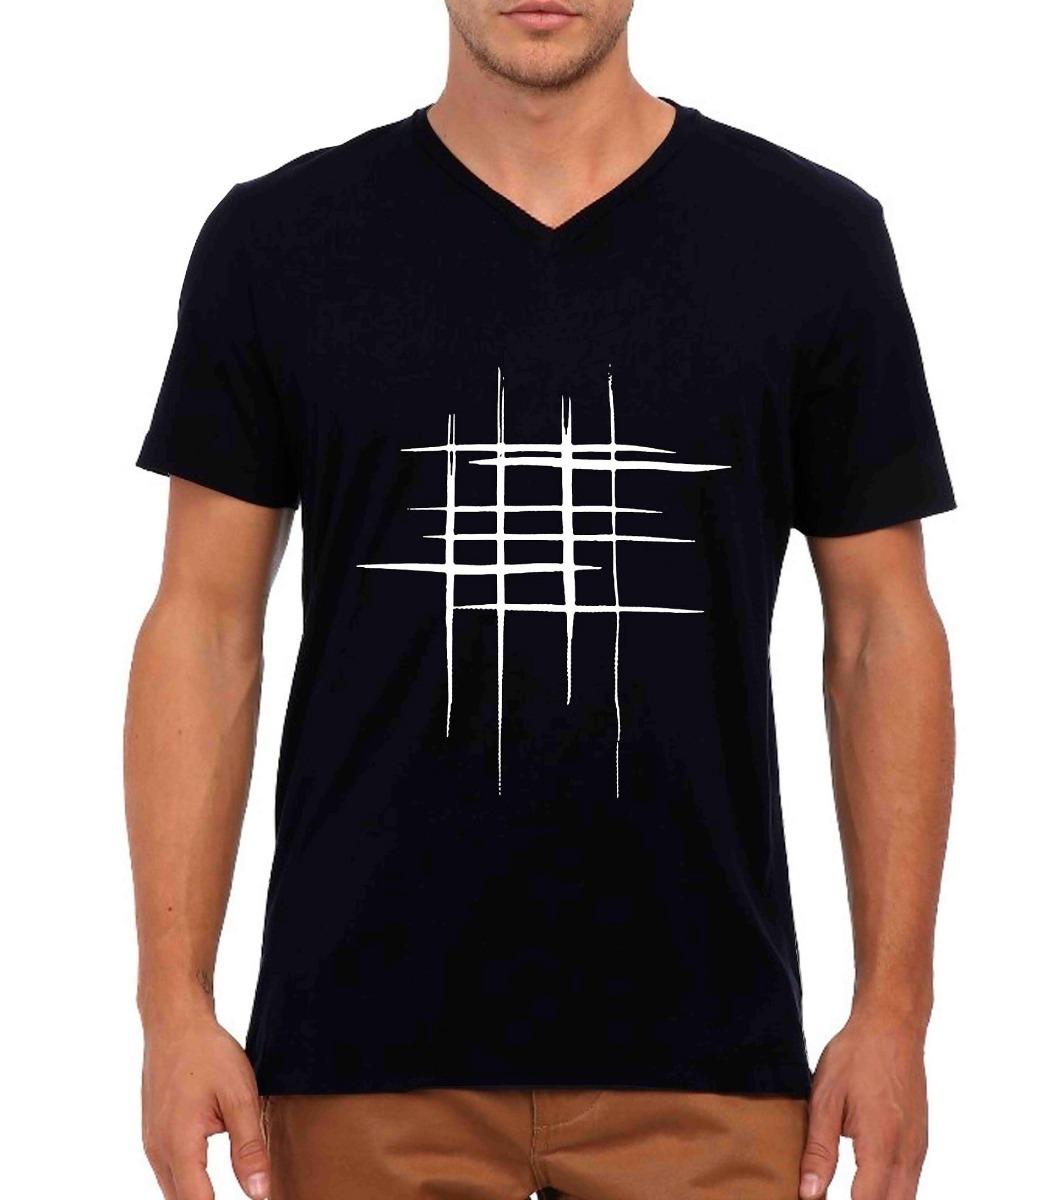 cruz hombre estampadas para zoom creativa camisetas Cargando 4v1qWgxT